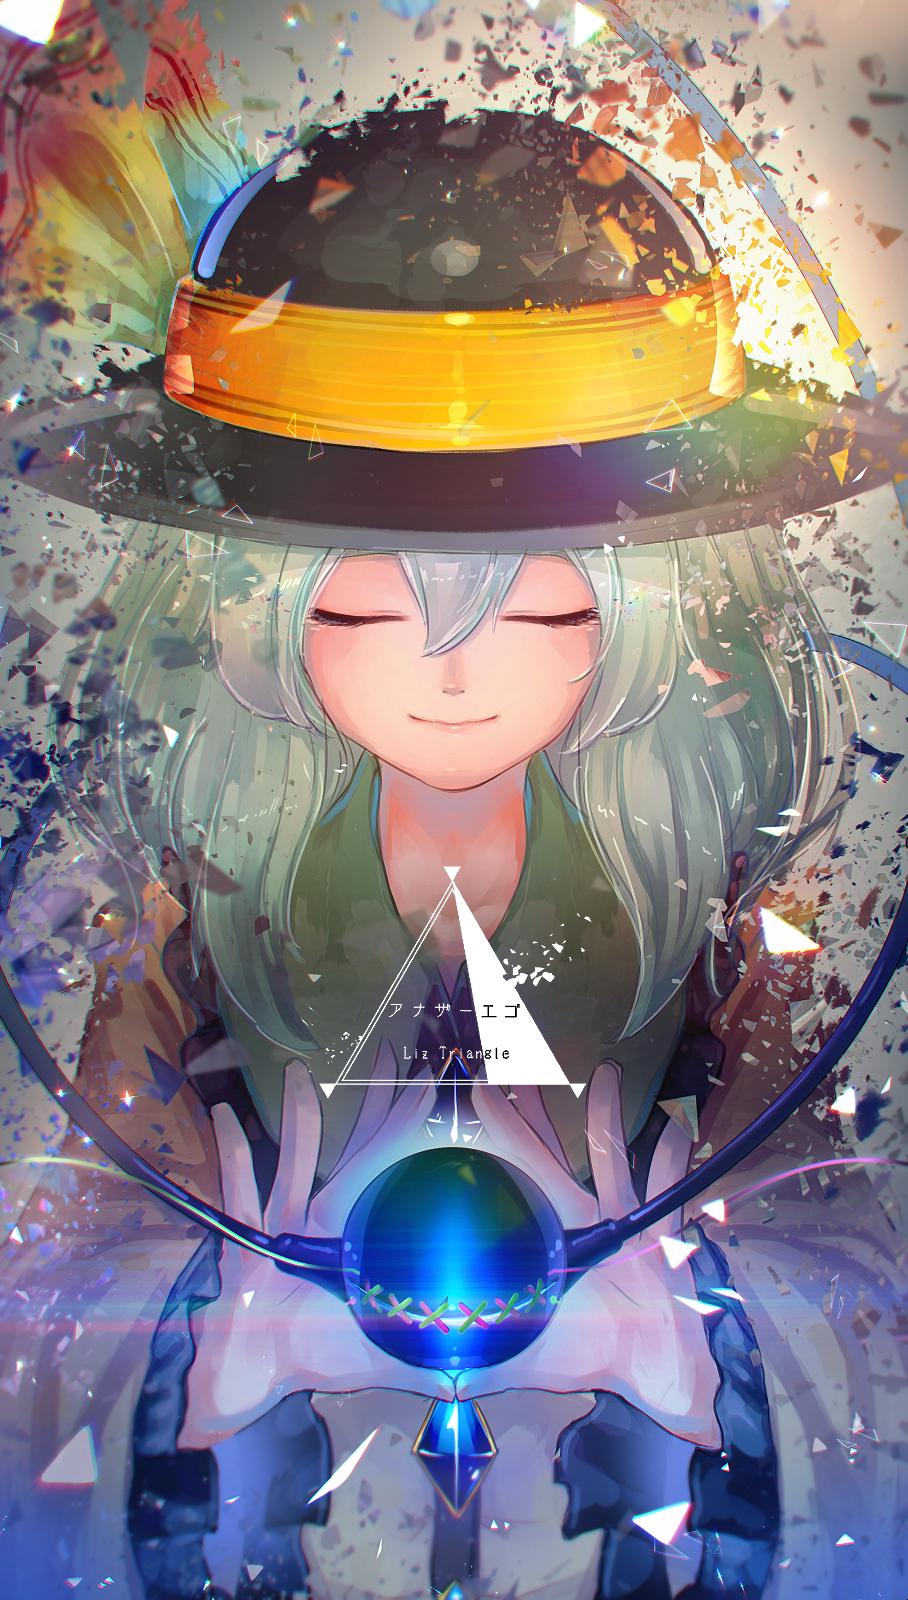 Touhou のアイデア 投稿者 Tomoko さん アニメファンタジー